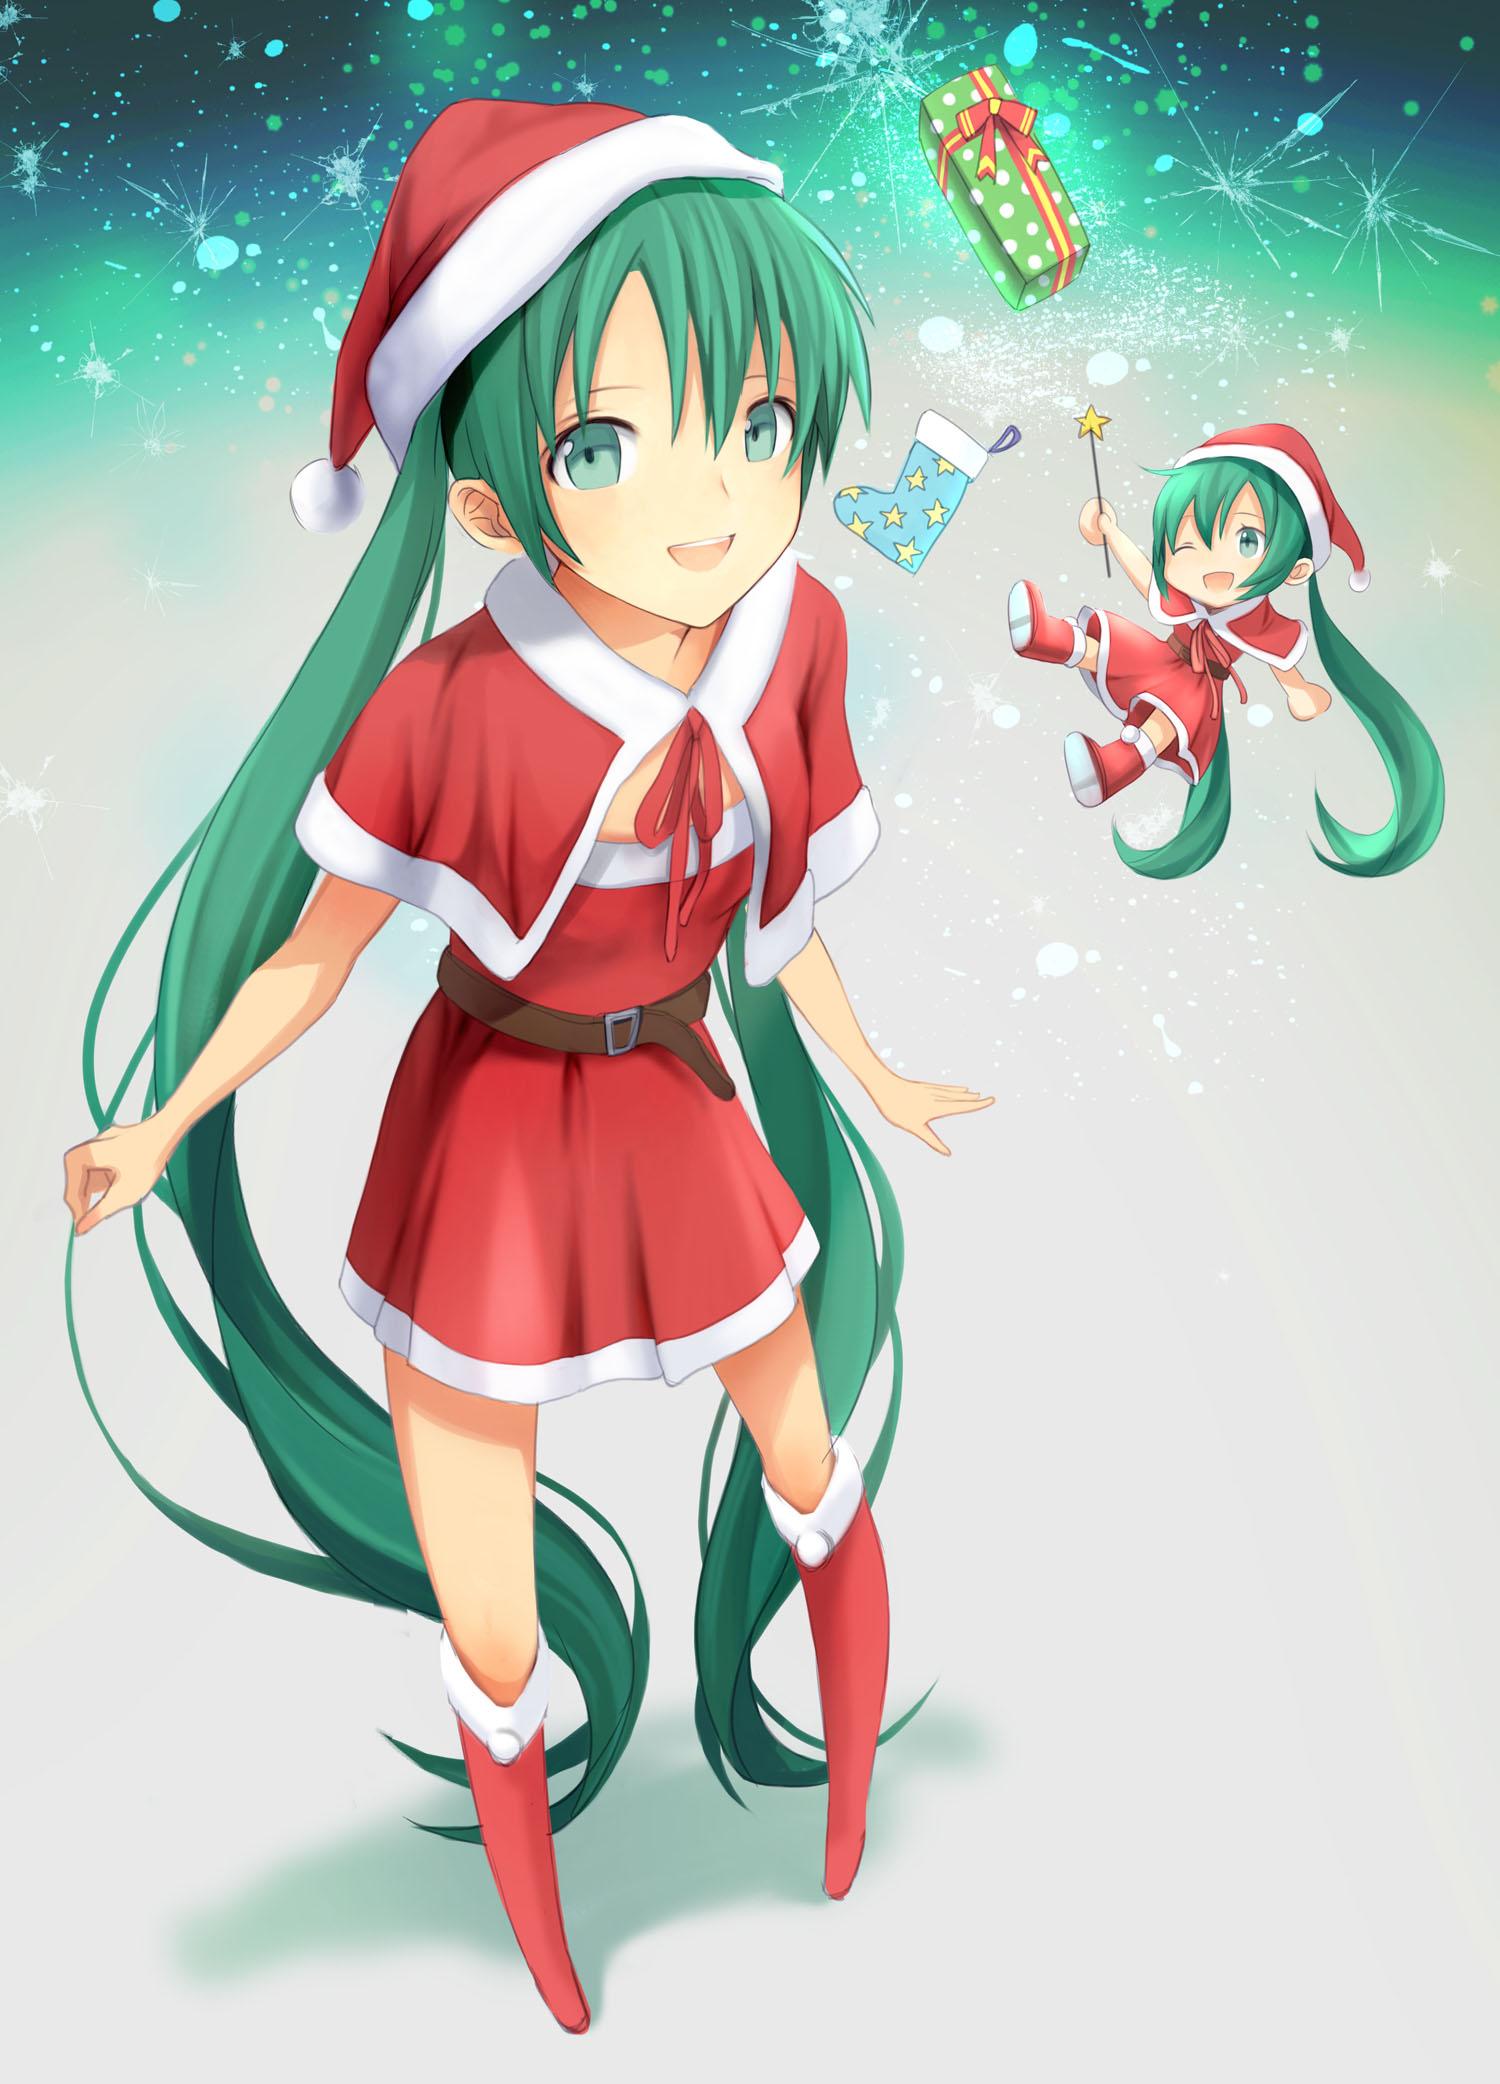 Hatsune Miku Christmas Outfit.Christmas Hat Christmas Outfit Page 46 Zerochan Anime